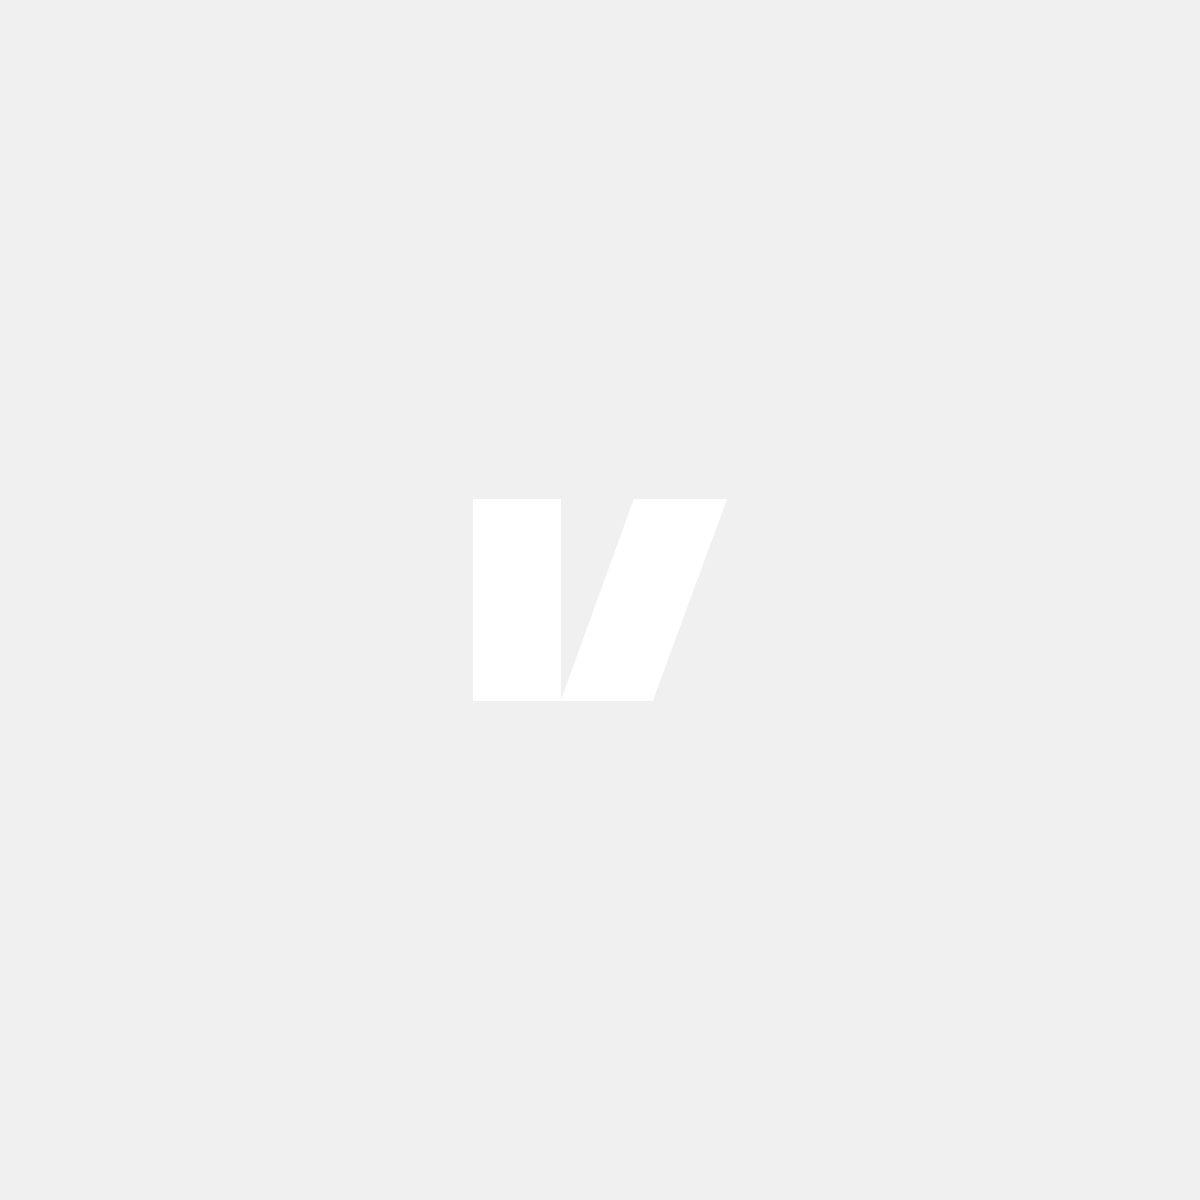 Säkringsdosa till Volvo PV, Duett, Amazon, P1800, 12V